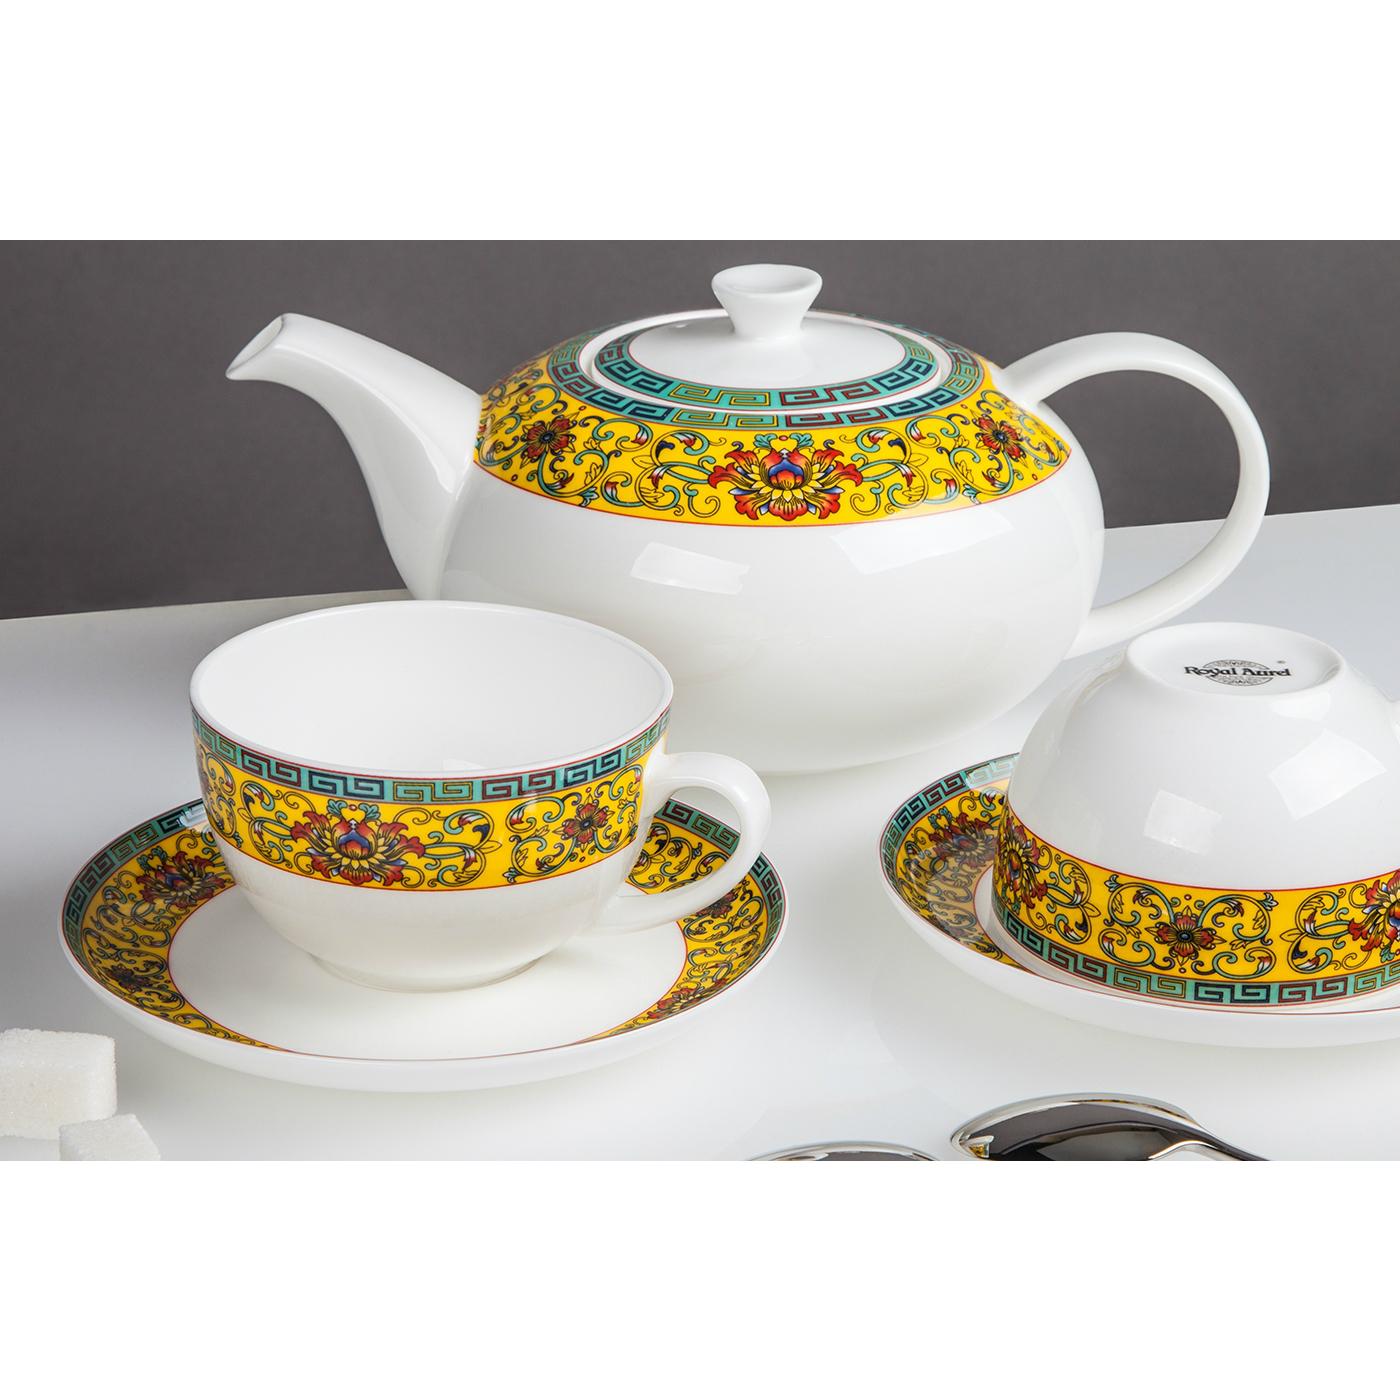 Сервиз чайный ВосторгПроизводитель мирового уровня «Royal Aurel» - это сочетание королевских традиций, китайской рецептуры и современных тенденций дизайна, которые воплощены в эксклюзивных наборах фарфоровой посуды. Для производства используется прочный костяной фарфор и белая глина, за счет чего достигаются исключительные белизна и прозрачность. Сервиз чайный «Восторог» это яркая и необычная посуда, которая поможет создать идеальную праздничную атмосферу, а также вызовет восхищение у Ваших гостей. Привычная для производителя изысканность деталей, простота форм и типичная для костяного фарфора белизна станут лучшим украшением праздничного стола. Кроме того, сервиз может стать отличным подарком, за счет своей презентабельной и функциональной упаковки.<br>